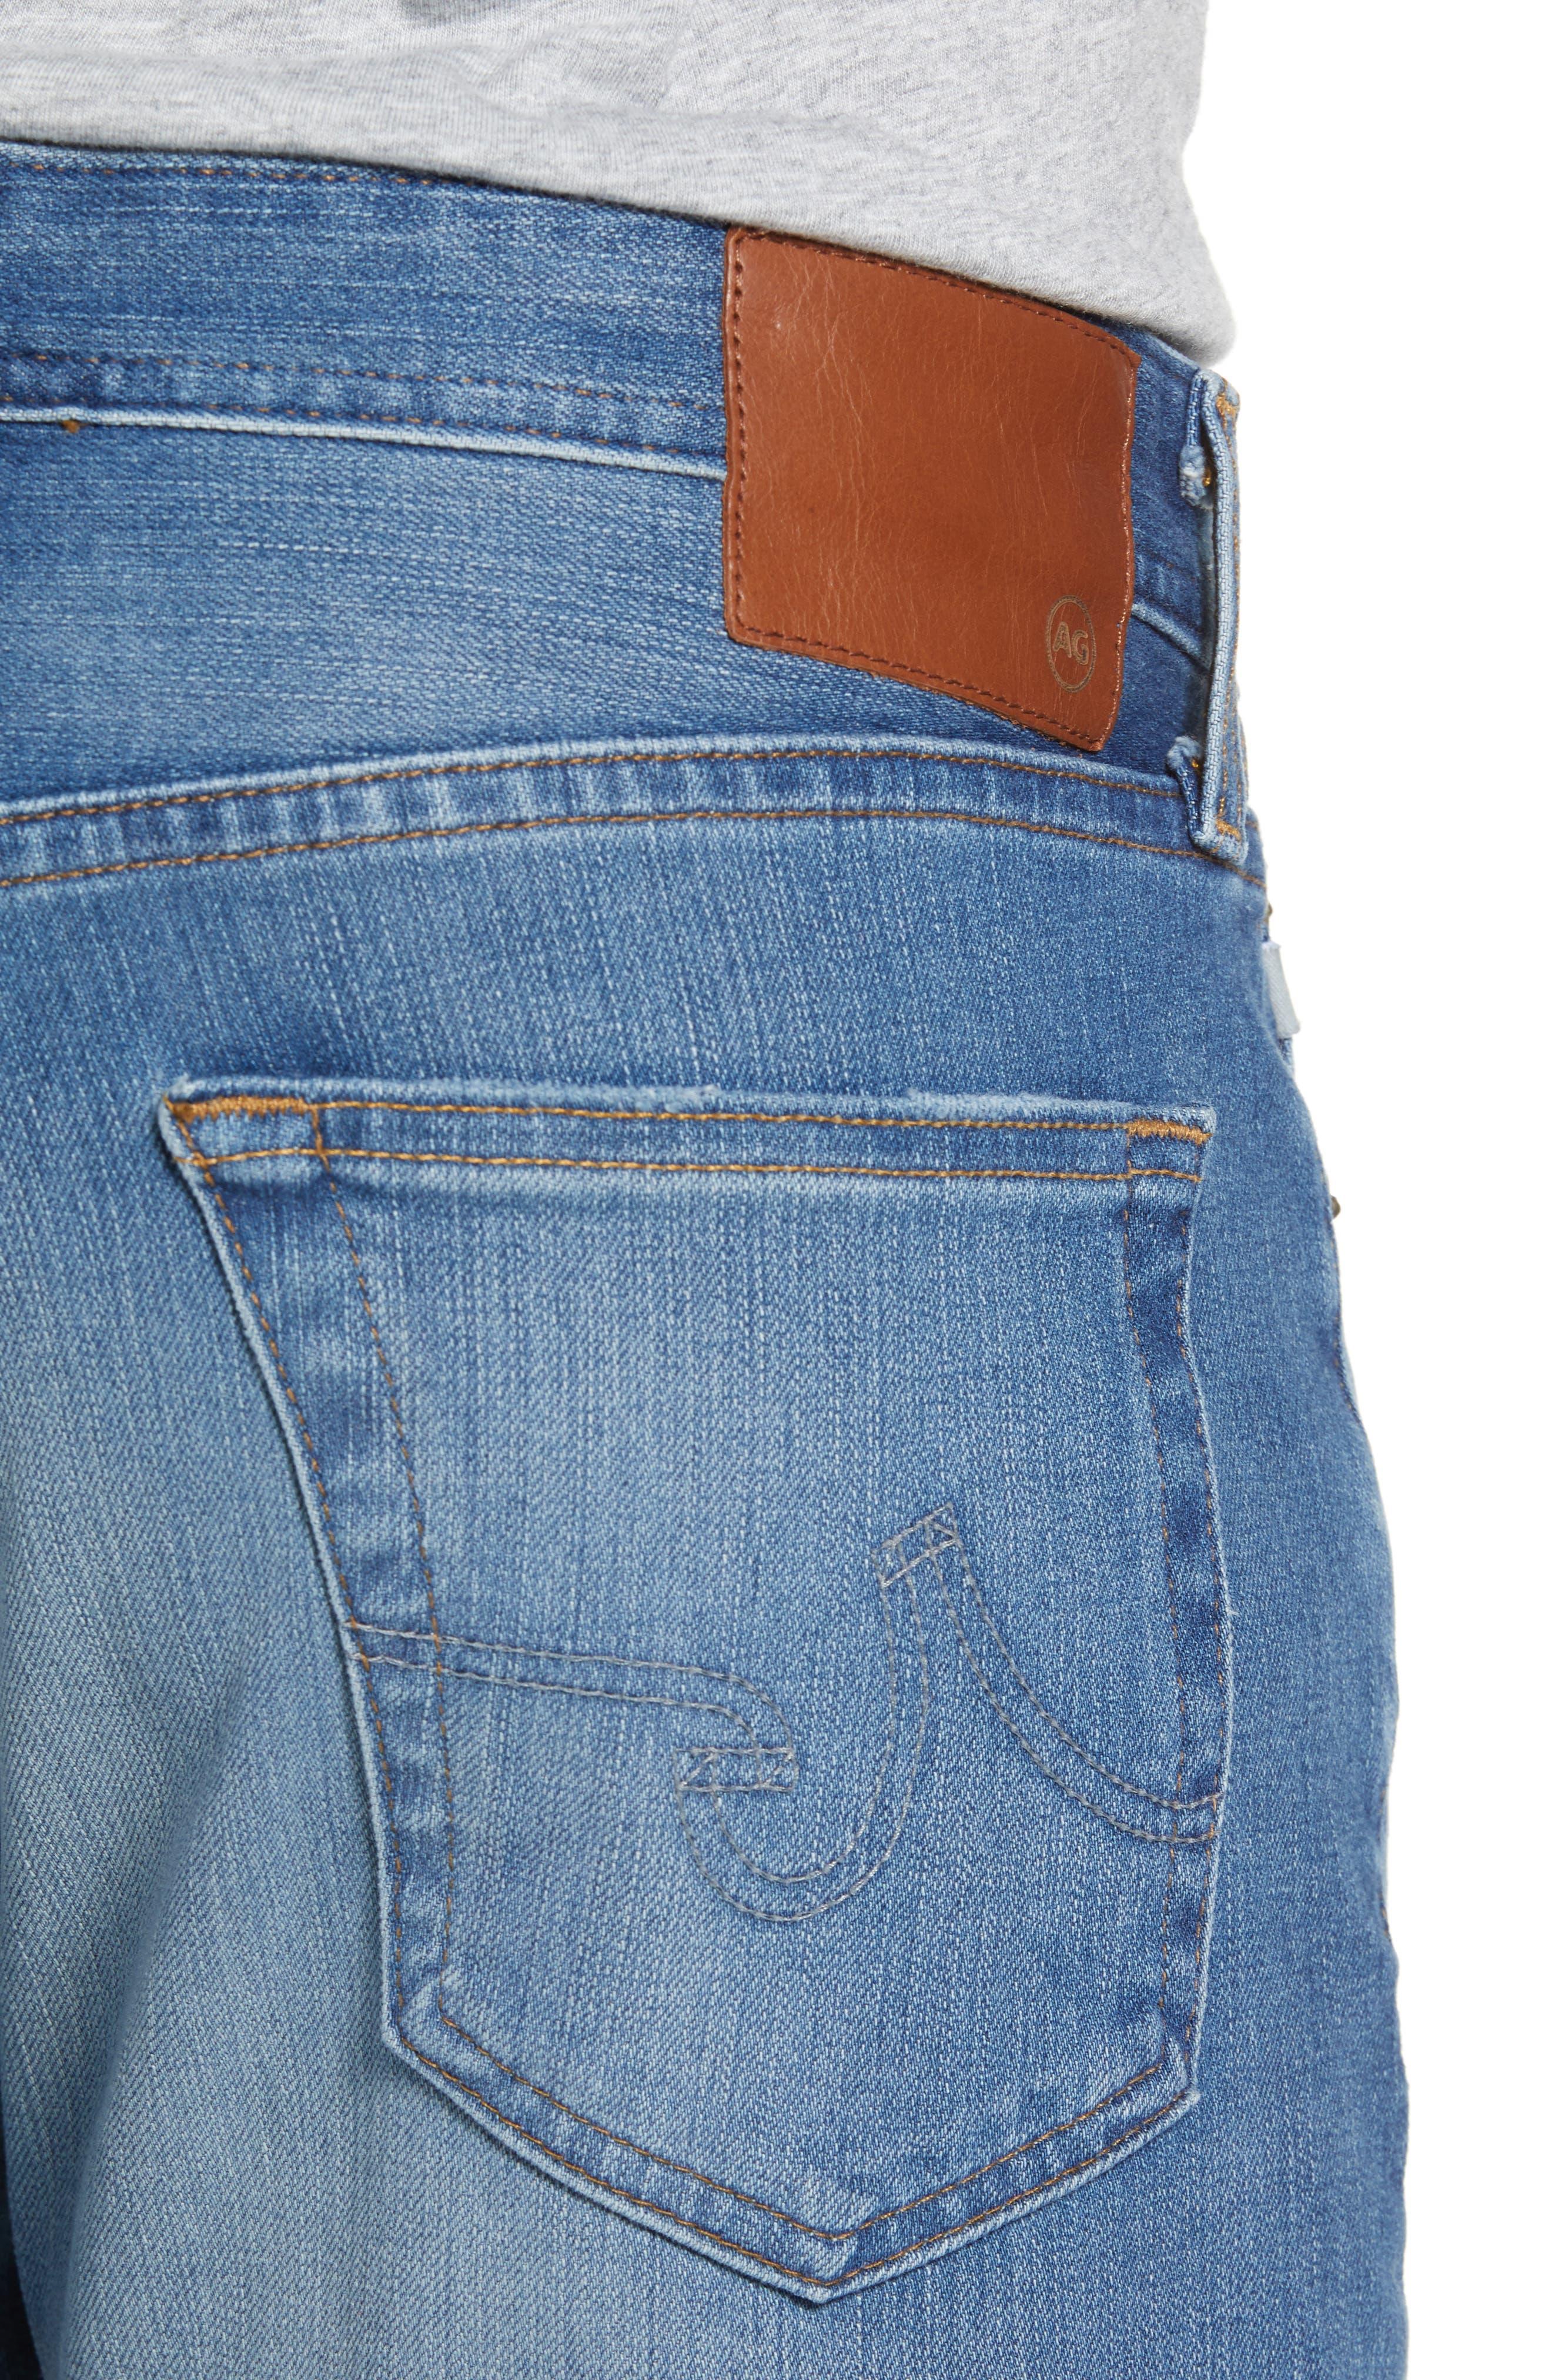 Everett Slim Straight Leg Jeans,                             Alternate thumbnail 4, color,                             487